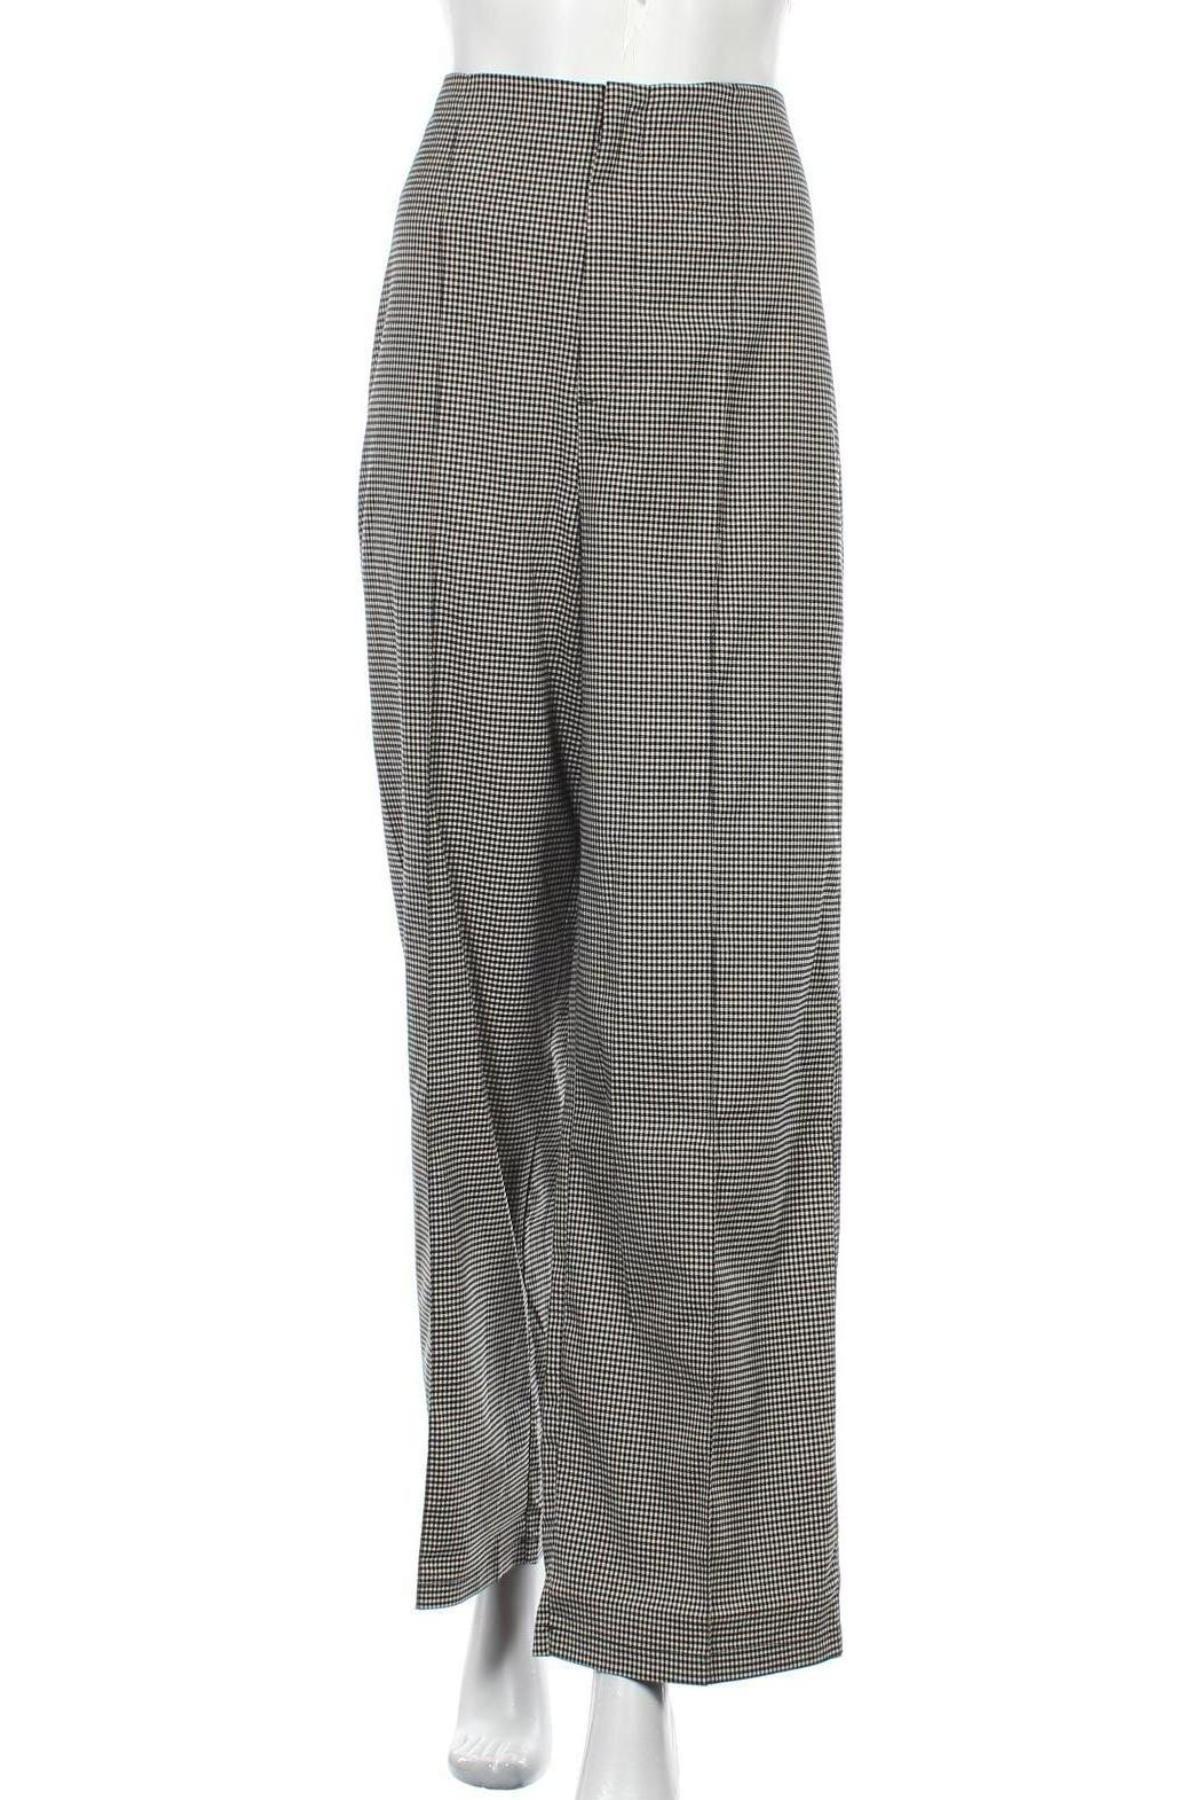 Дамски панталон Urban Outfitters, Размер L, Цвят Екрю, 67% полиестер, 31% вискоза, 2% еластан, Цена 27,59лв.